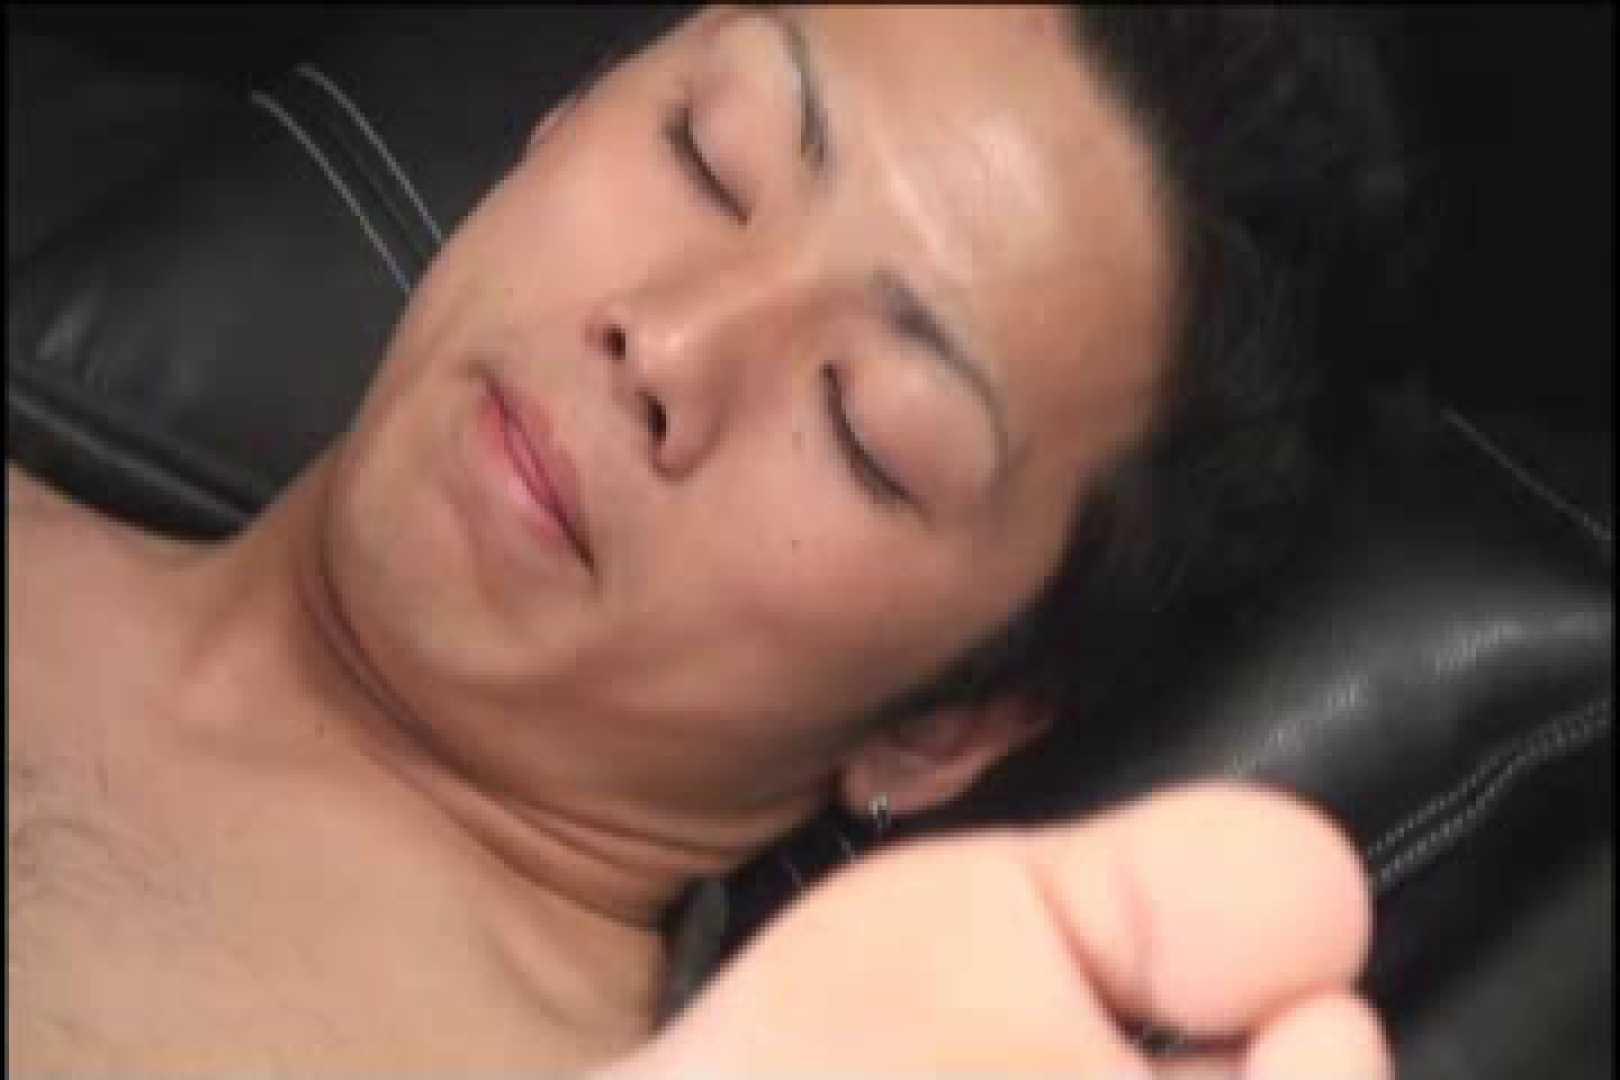 大集合!!カッコ可愛いメンズの一穴入根!! vol.29 顔射 ゲイモロ画像 105枚 58